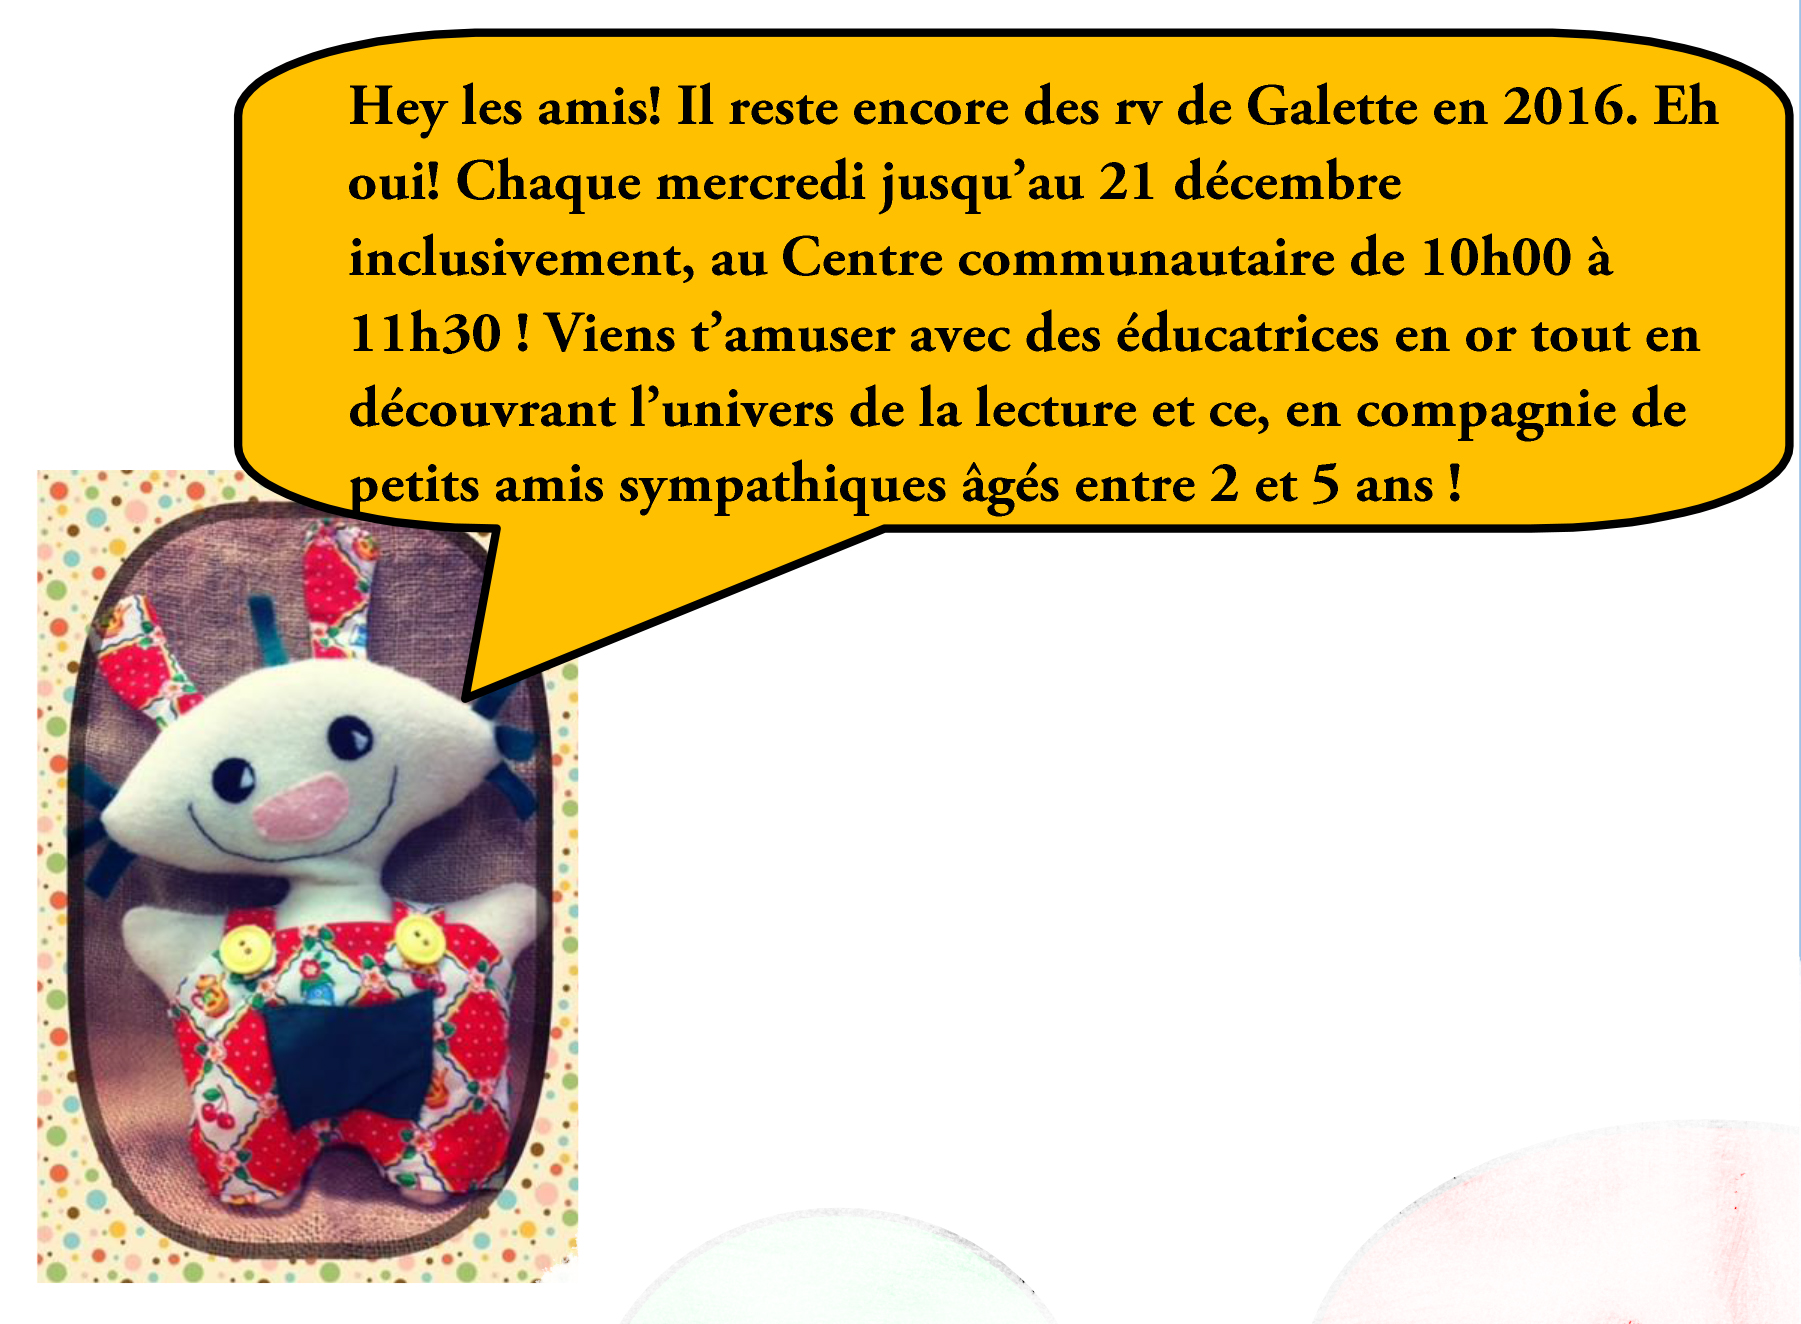 Rv de Galette 2016